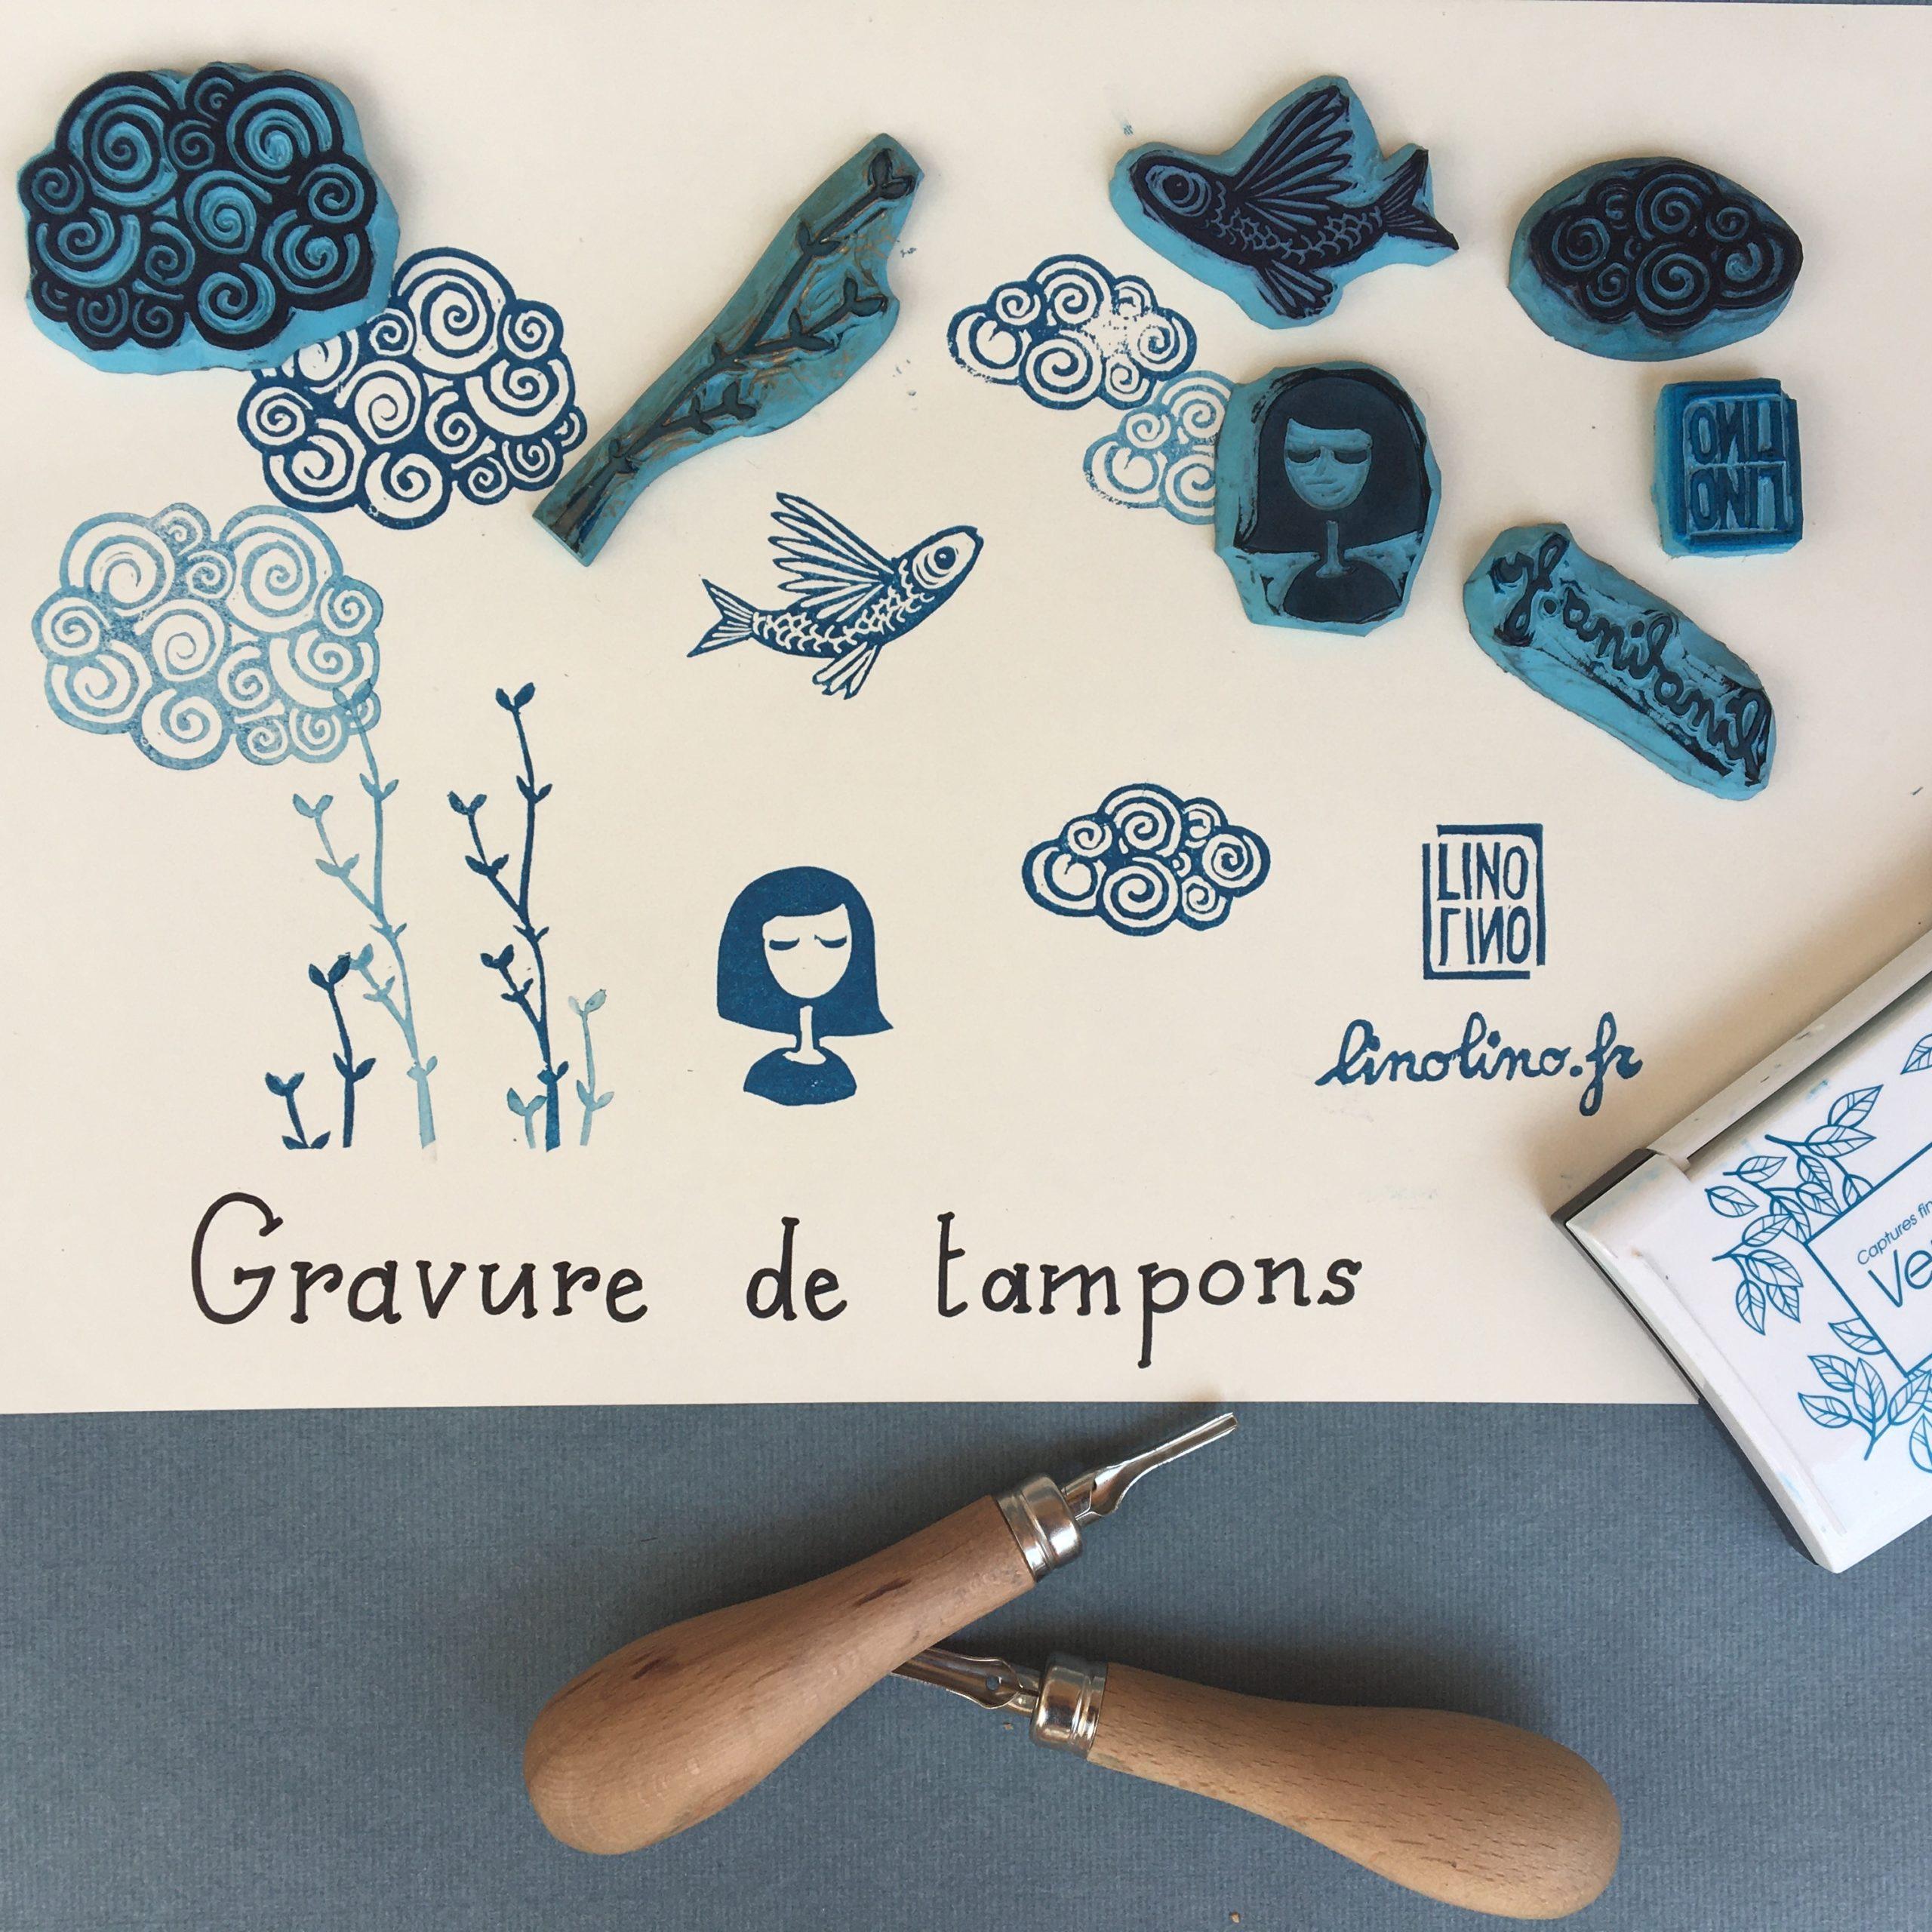 LinoLino | Linogravure et créations à partir d'impressions artisanales | Chambéry France | Atelier gravure tampons Novalaise l'artelier partagé